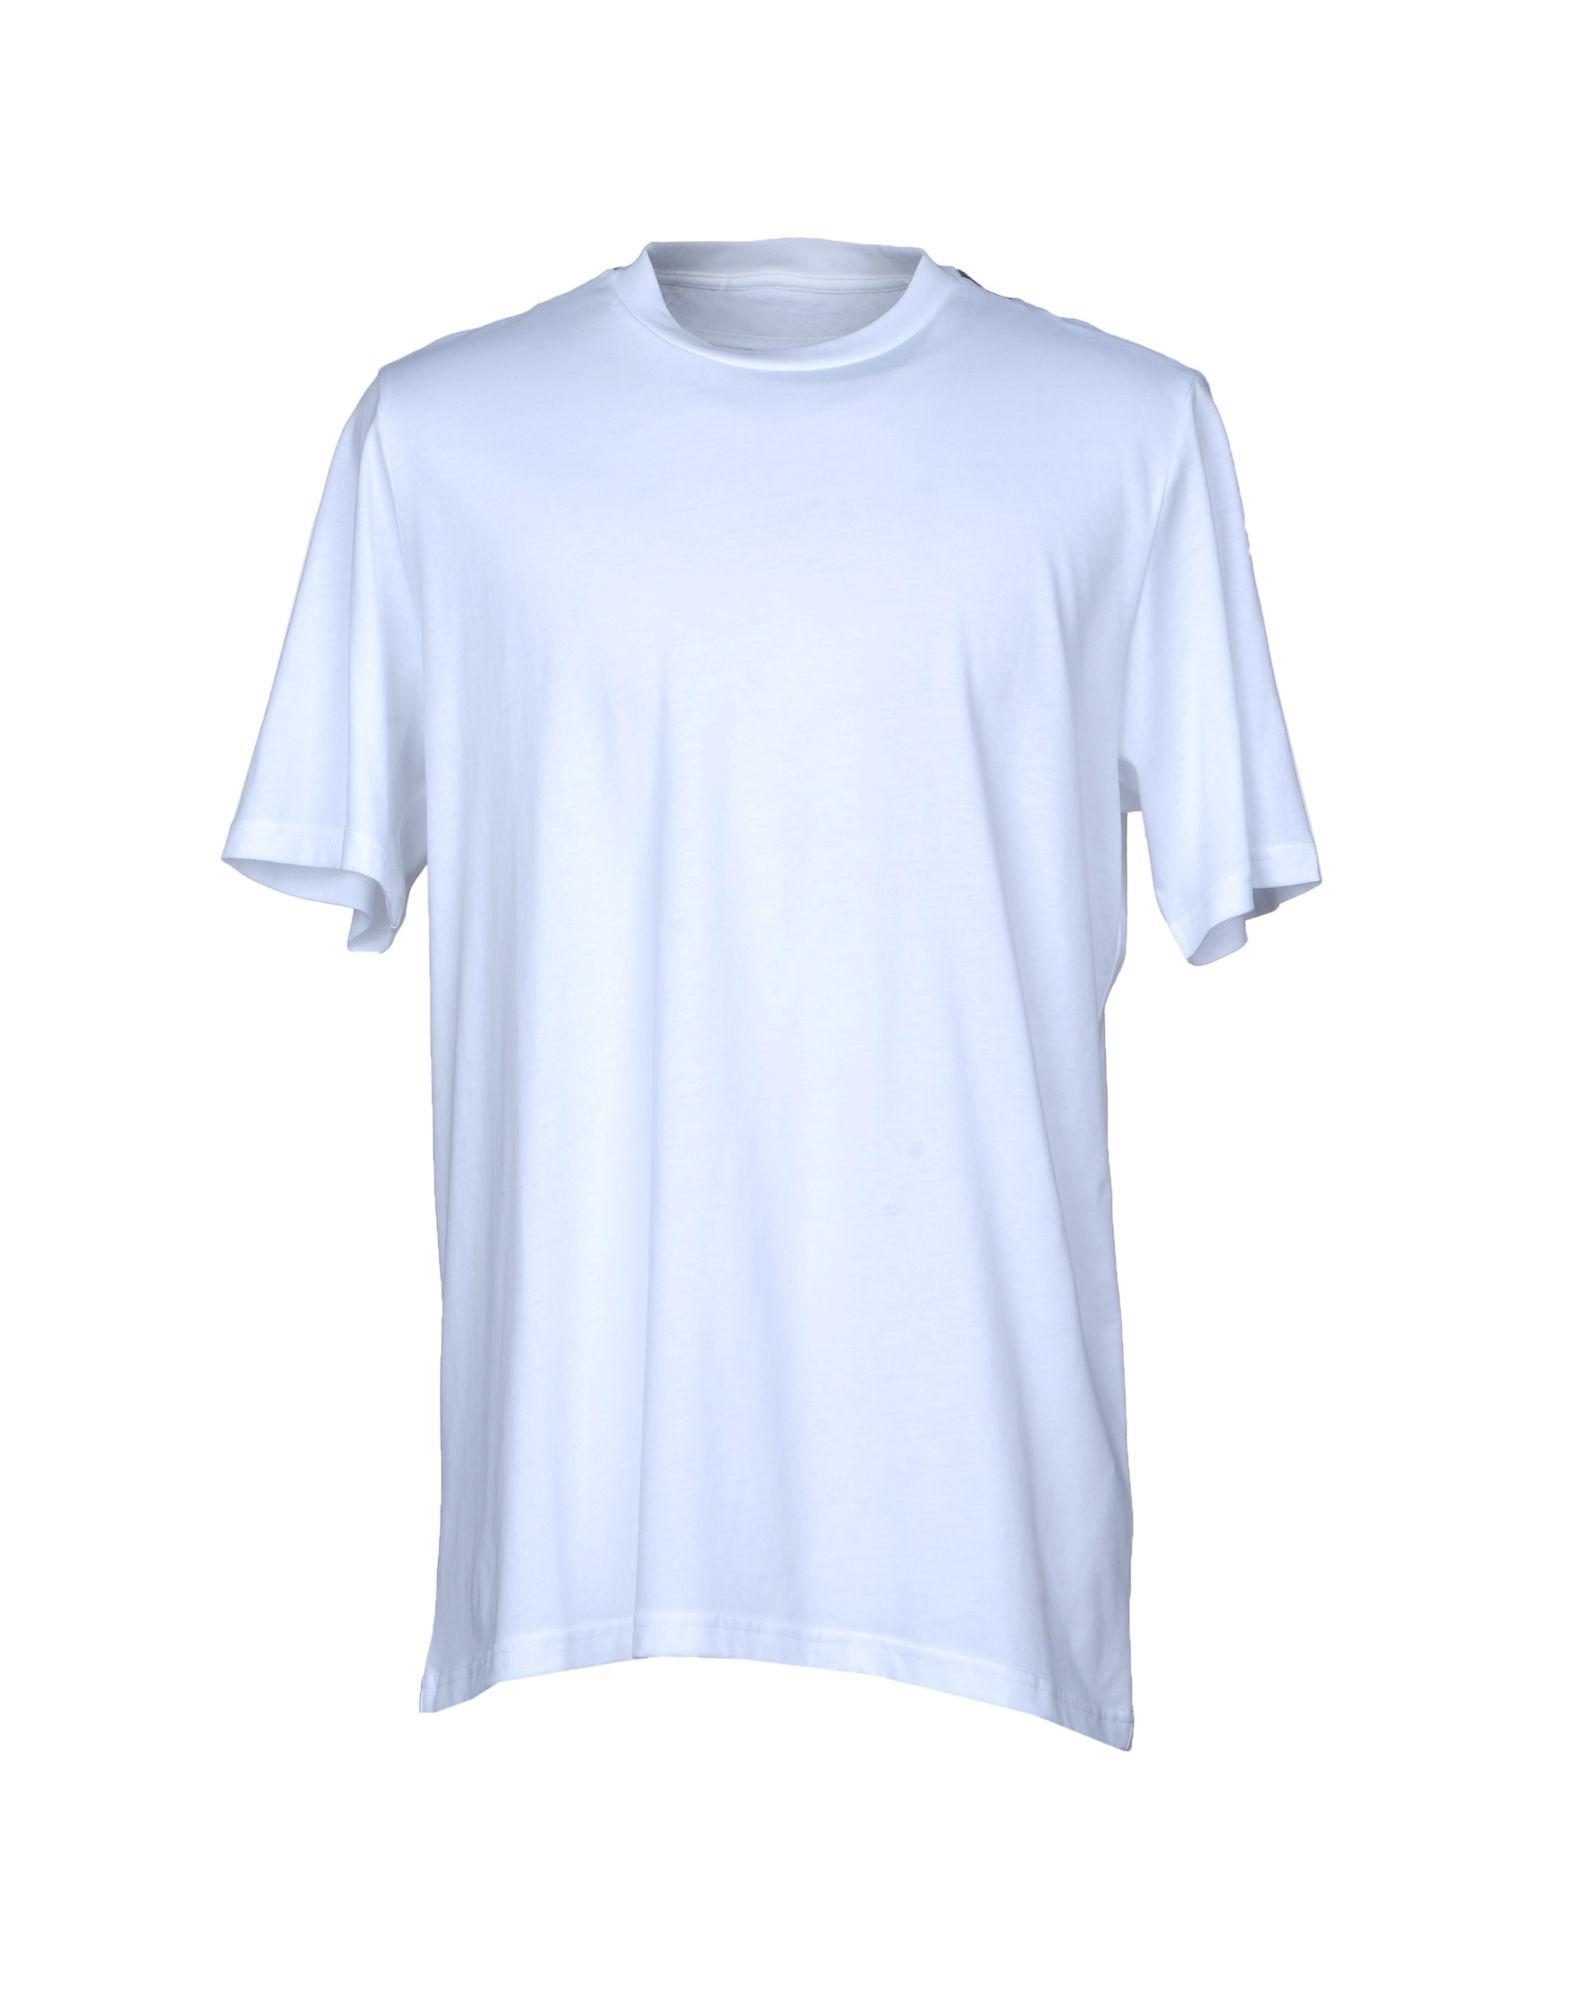 A A A buon mercato A buon mercato T-Shirt Oamc Uomo - 12075310EV 333dbb